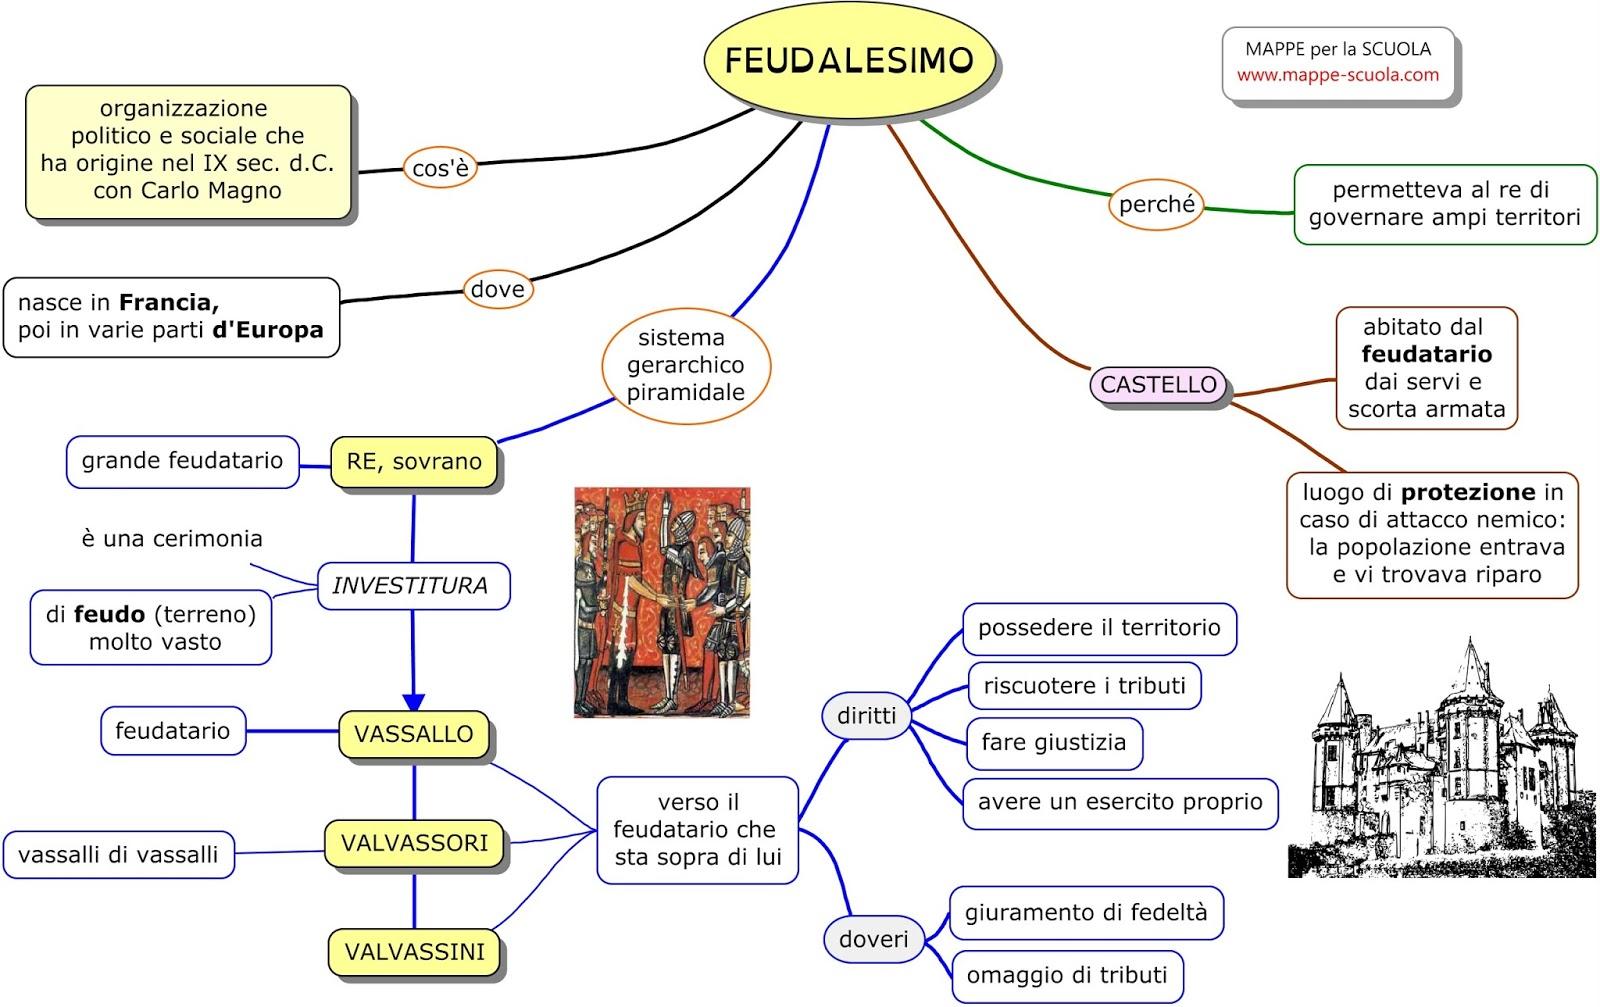 Estremamente MAPPE per la SCUOLA: FEUDALESIMO ZM55